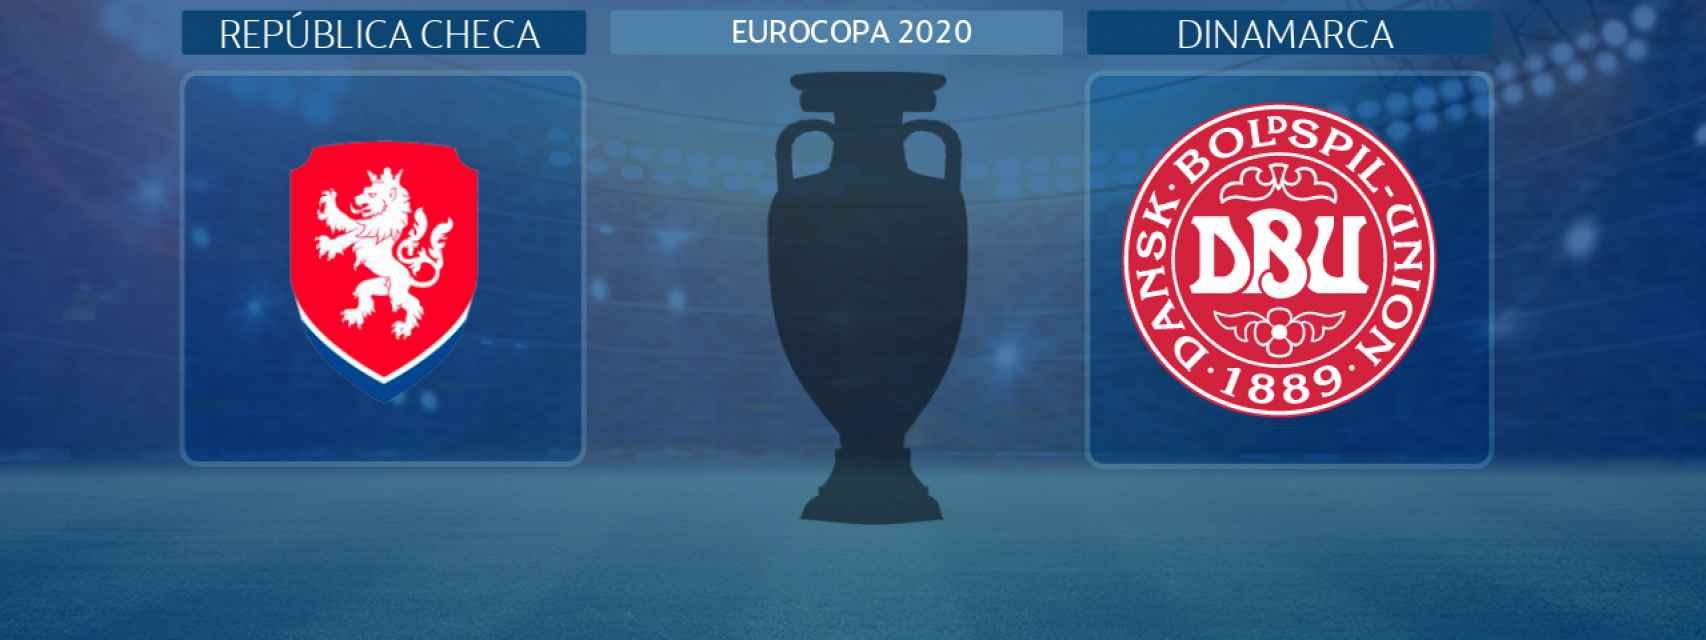 República Checa - Dinamarca, partido de la Eurocopa 2020